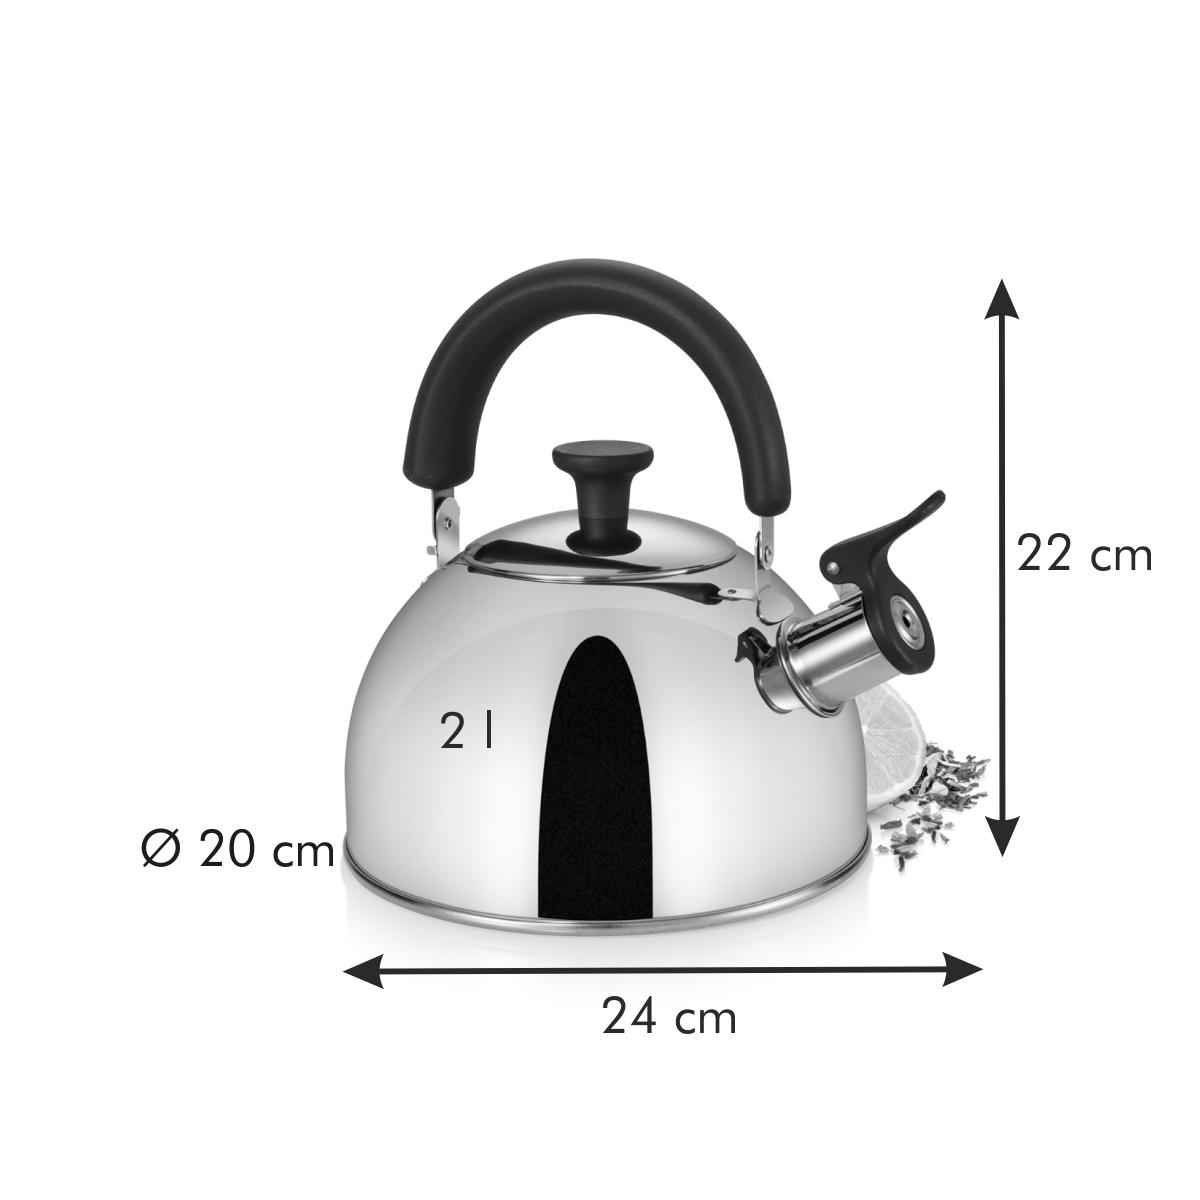 Čajová konvice PERFECTA 2.0 l